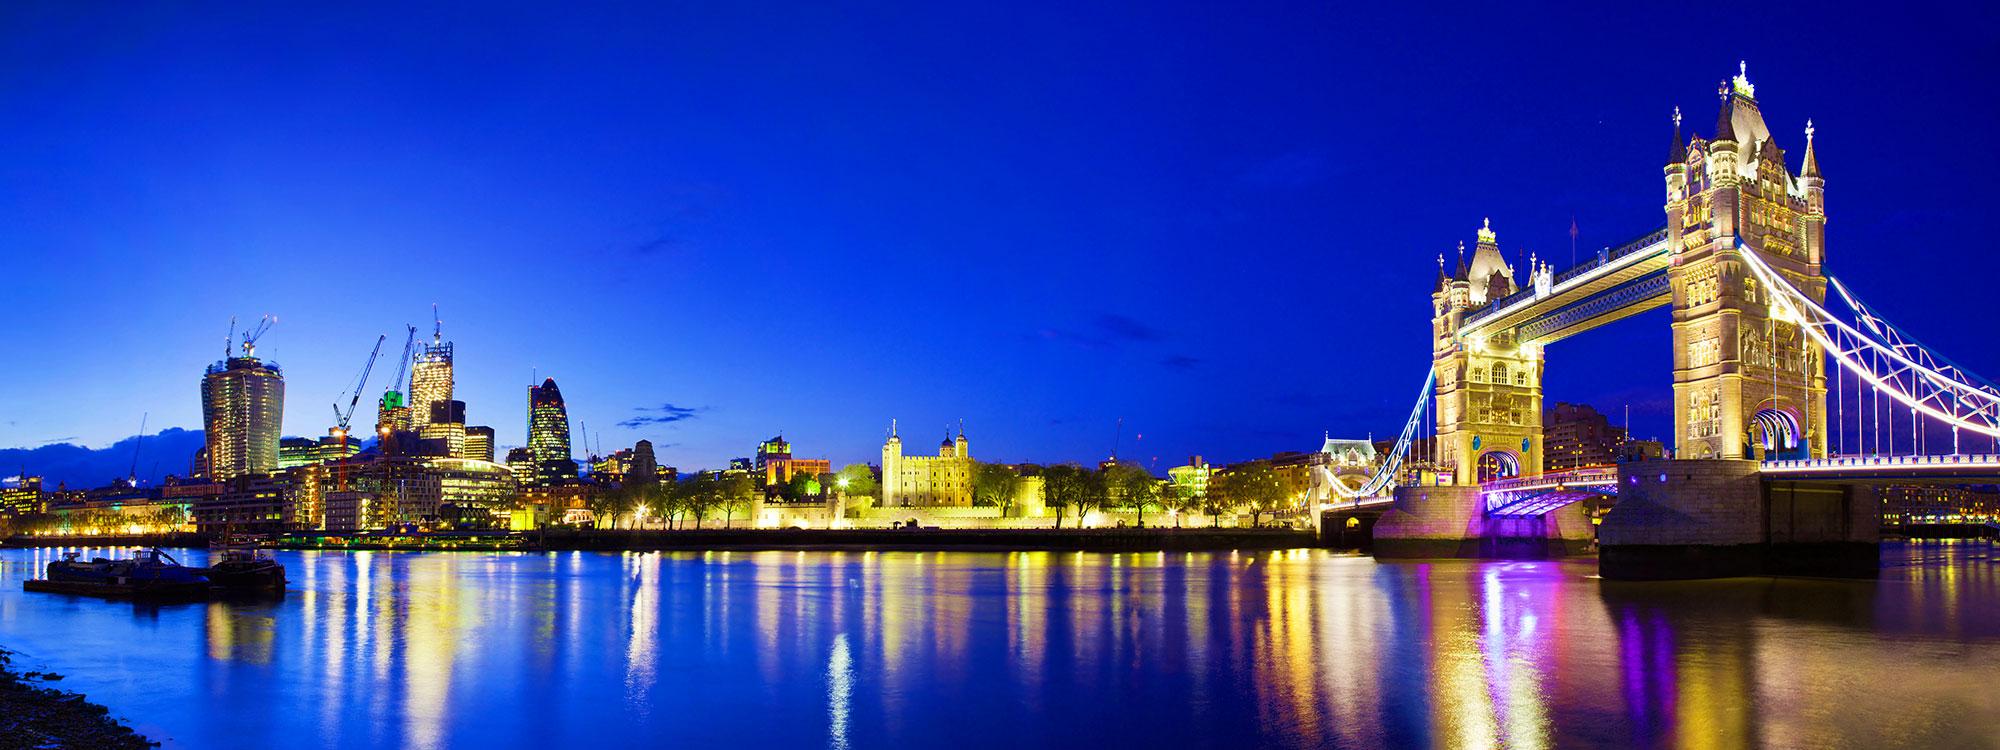 London Panoramic